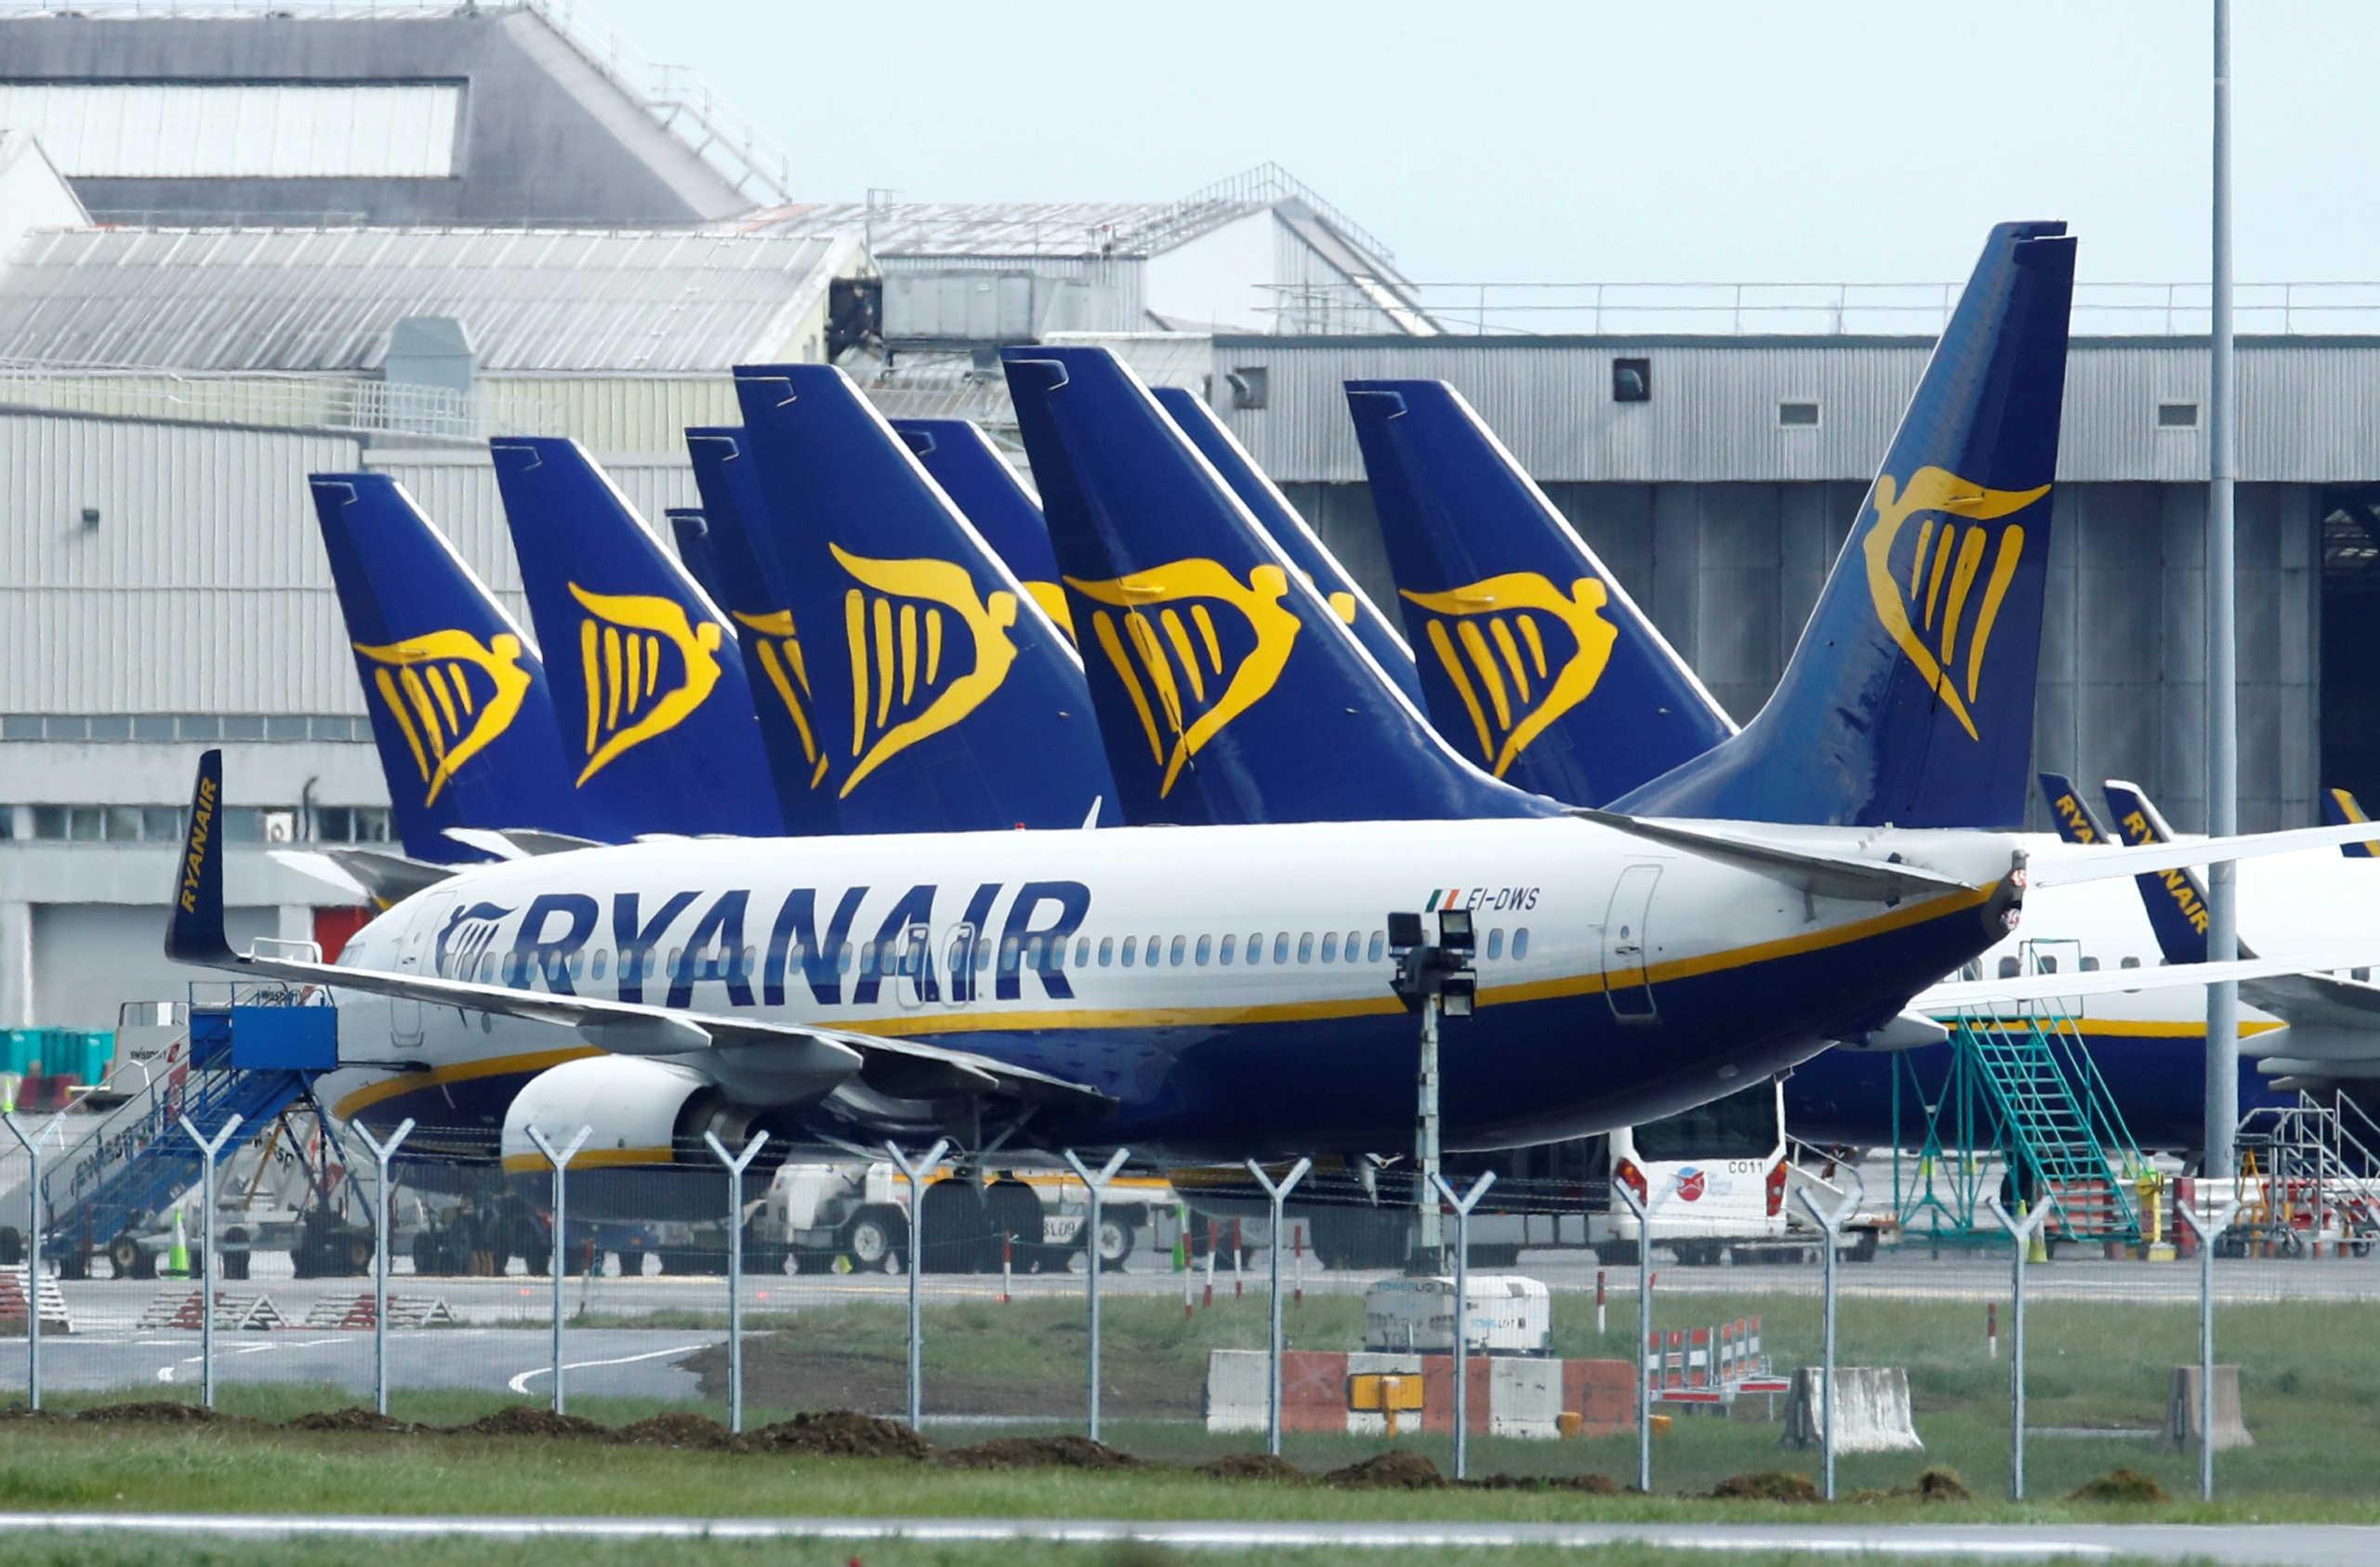 Επικεφαλής Ryanair: Τρίχες η καραντίνα – δεν ματαιώνουμε καμία πτήση